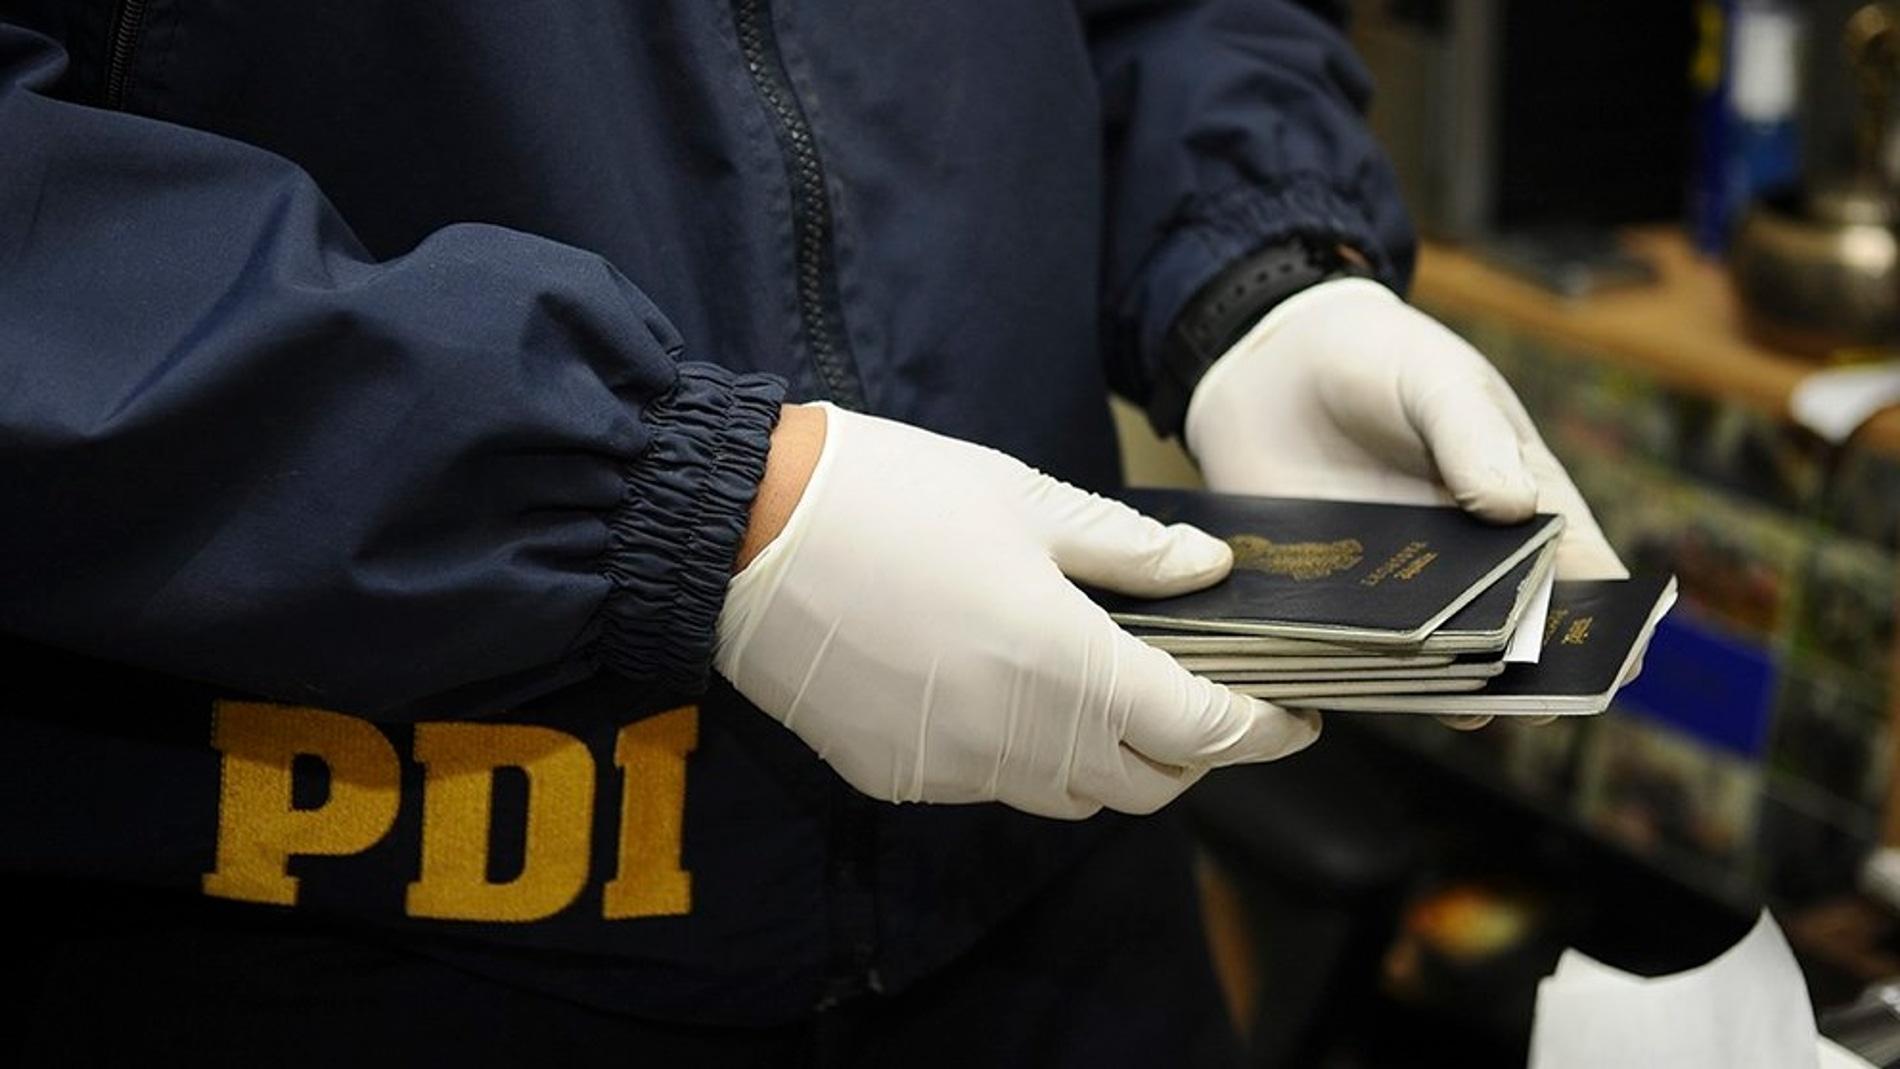 Imagen de un agente de la Policía de Chile con varios documentos